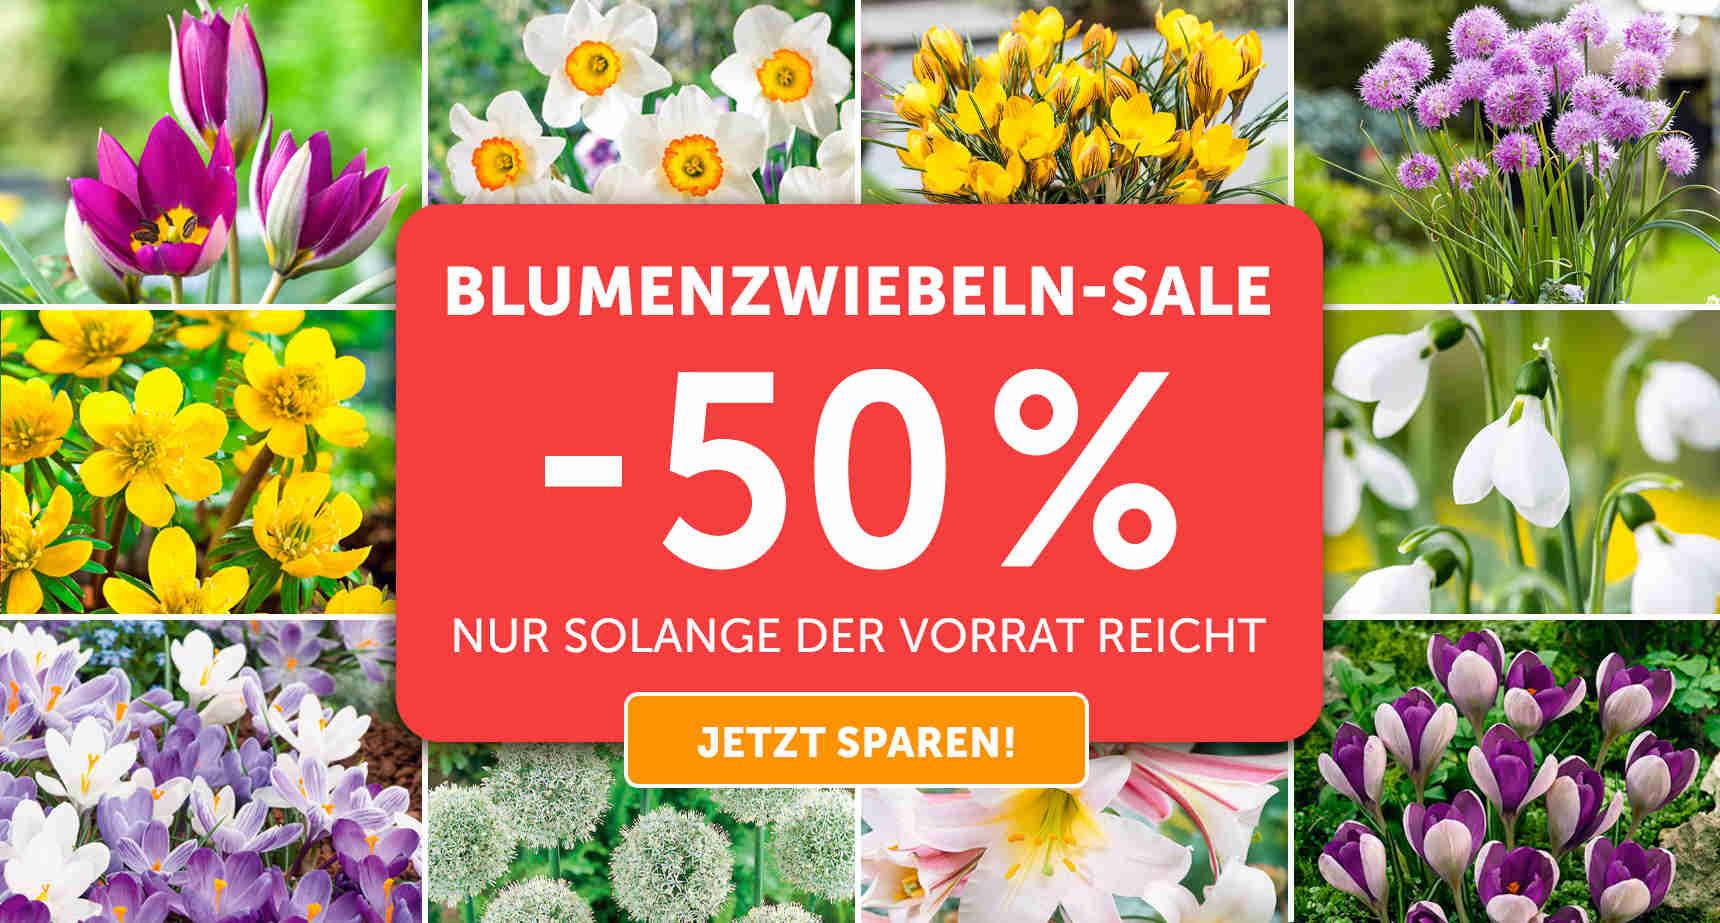 +++ (1) Blumenzwiebeln-SALE +++ - 3